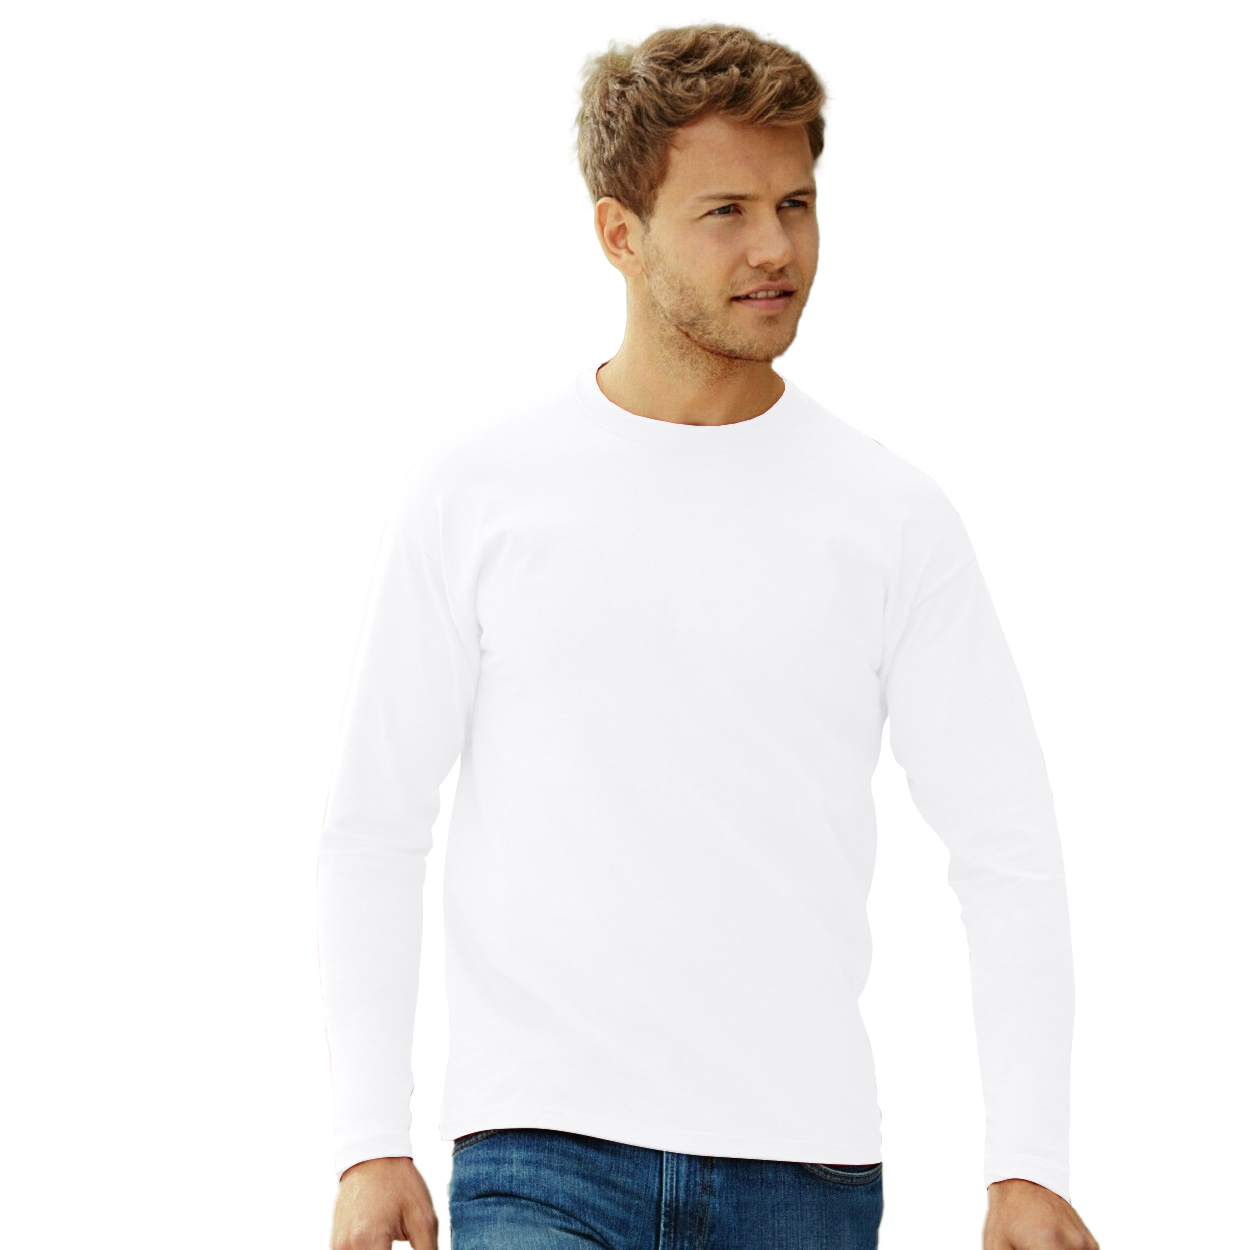 miniature 4 - T-shirt à manches longues Fruit Of The Loom, 100% coton, pour homme (BC331)